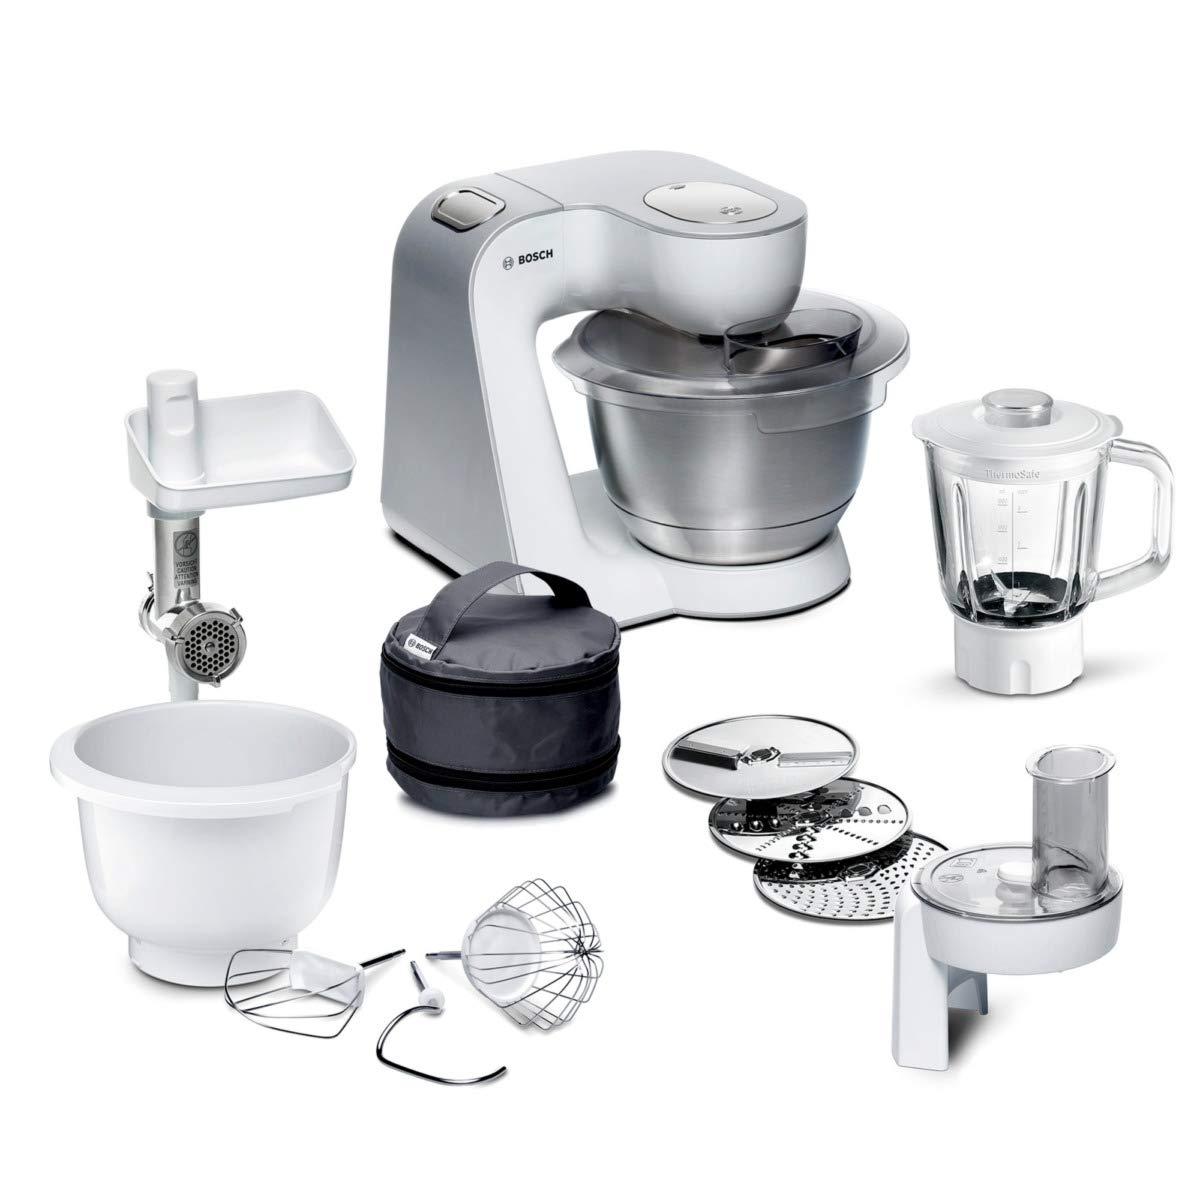 Bosch mum5824 C Creatable litio Line Universal – Robot de cocina ...